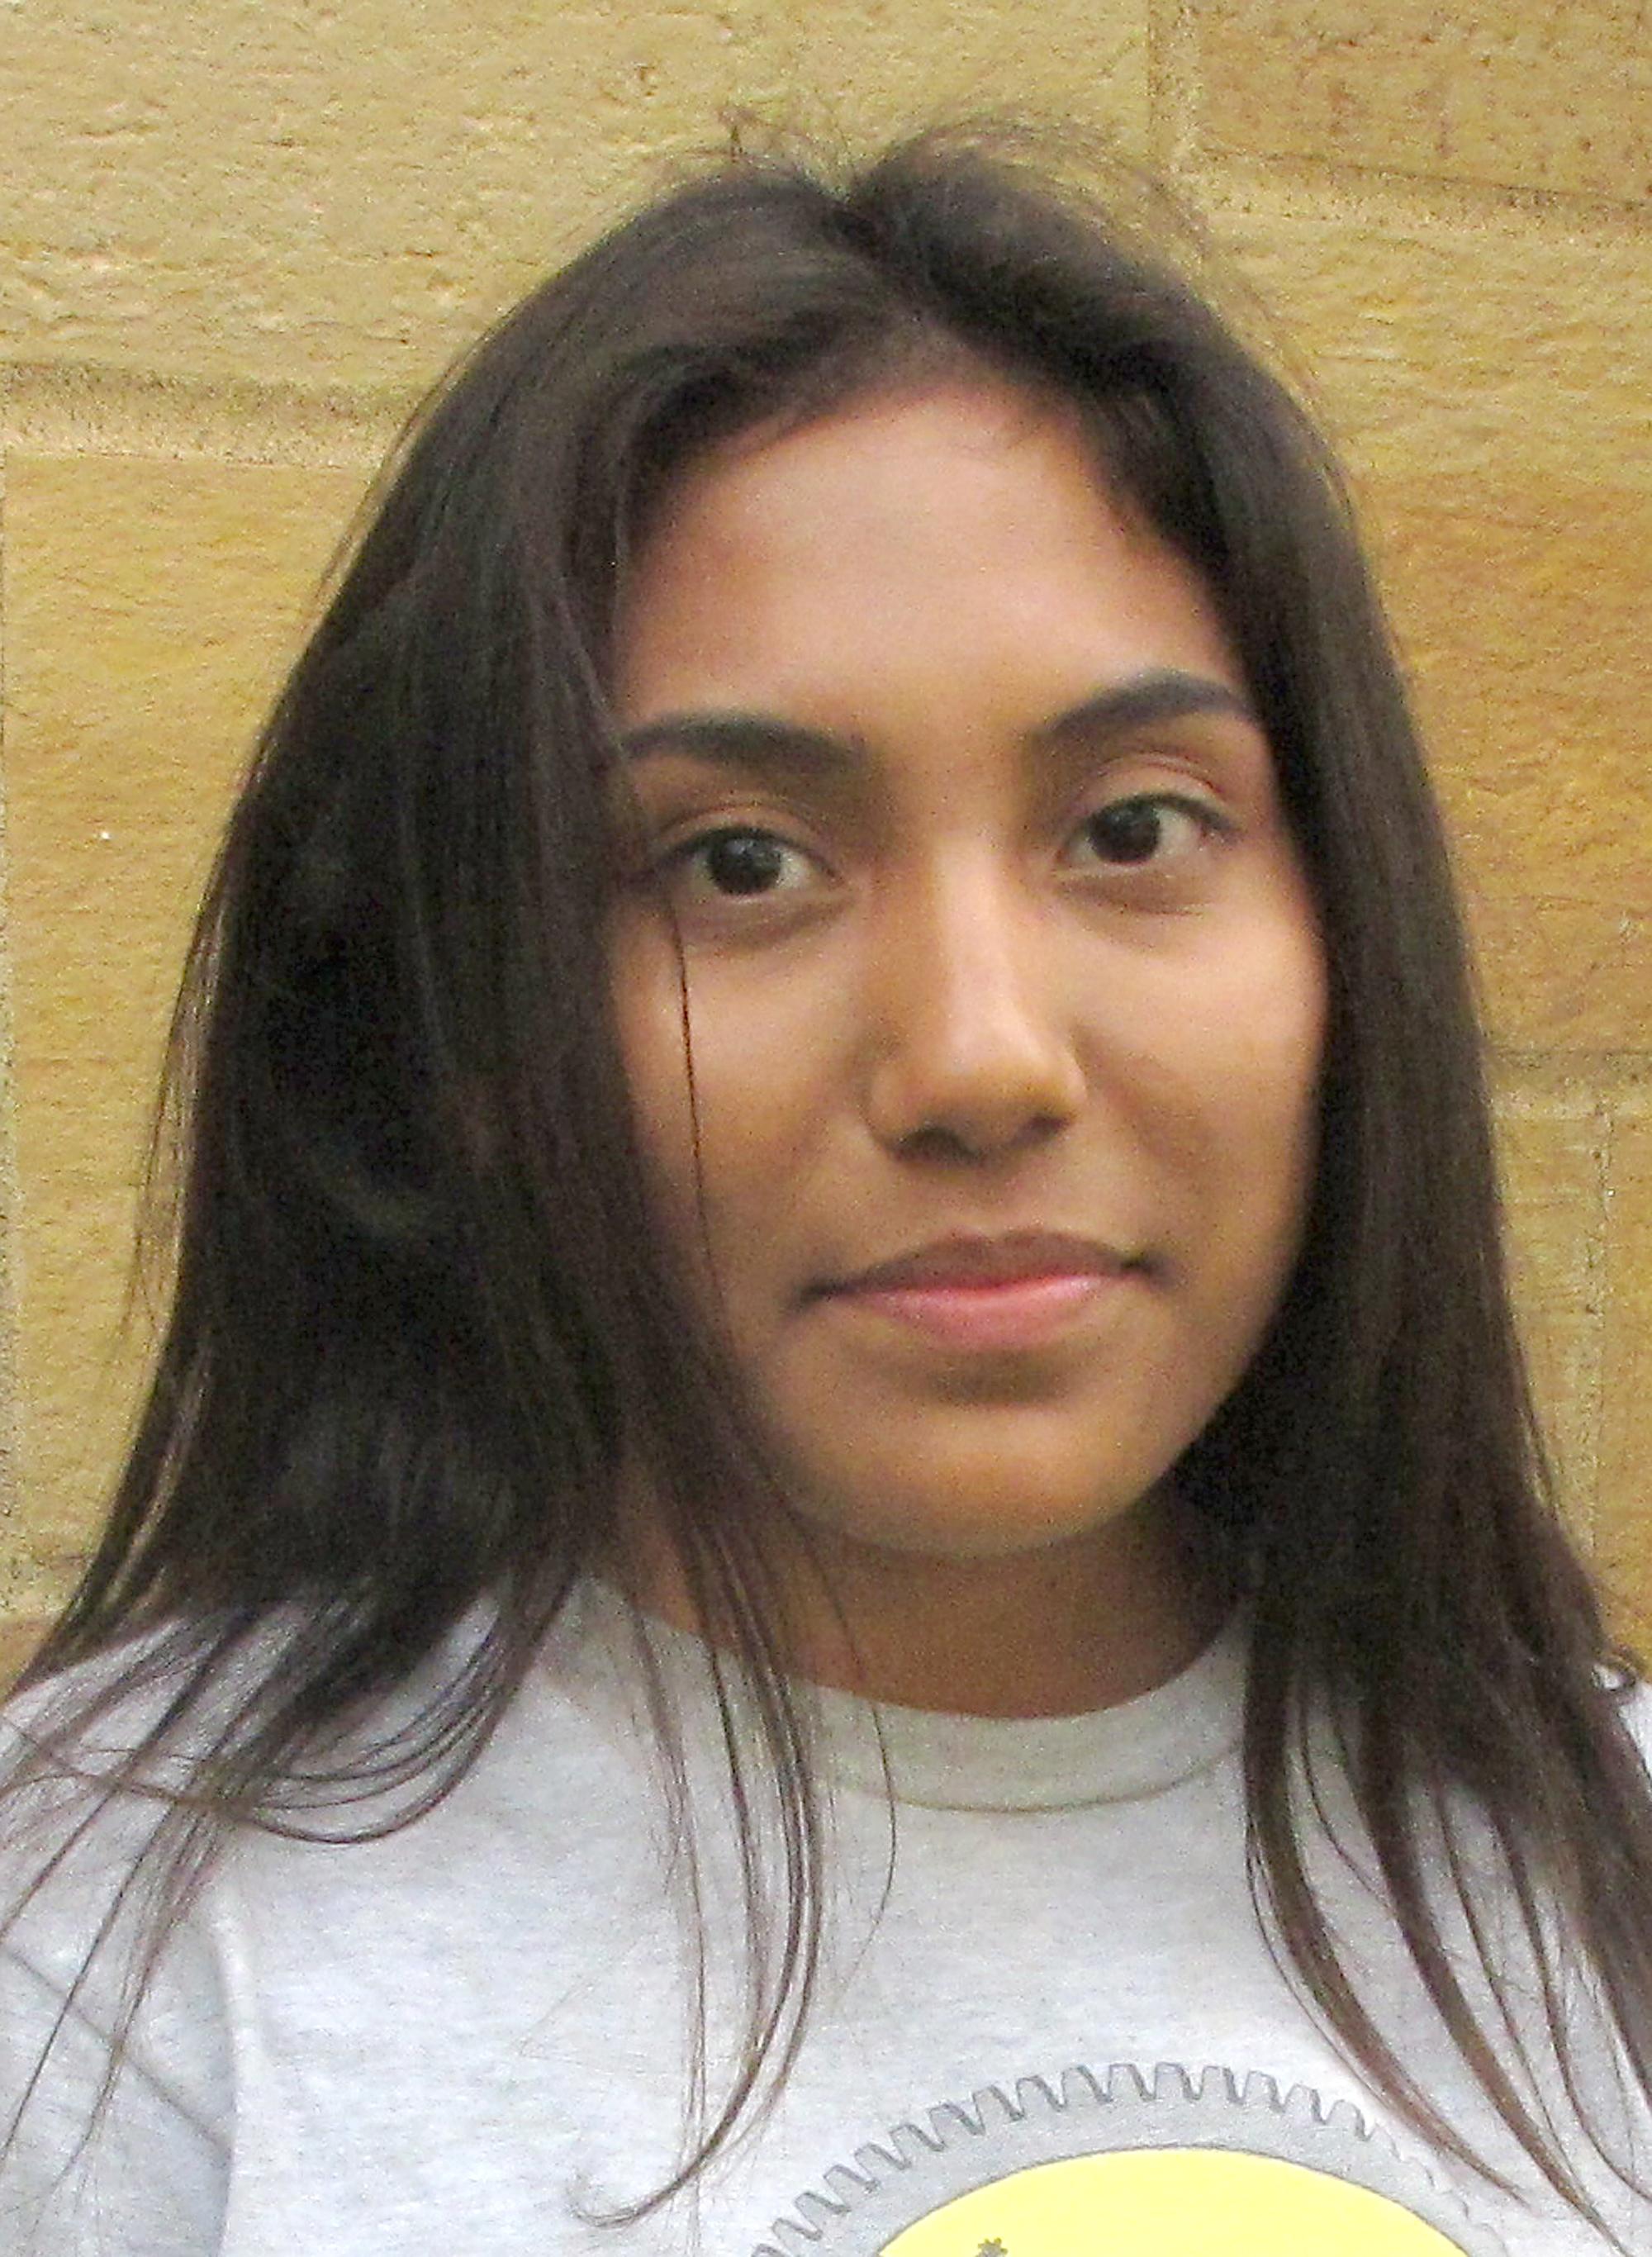 Melisa Robles Olivar, article author, headshot